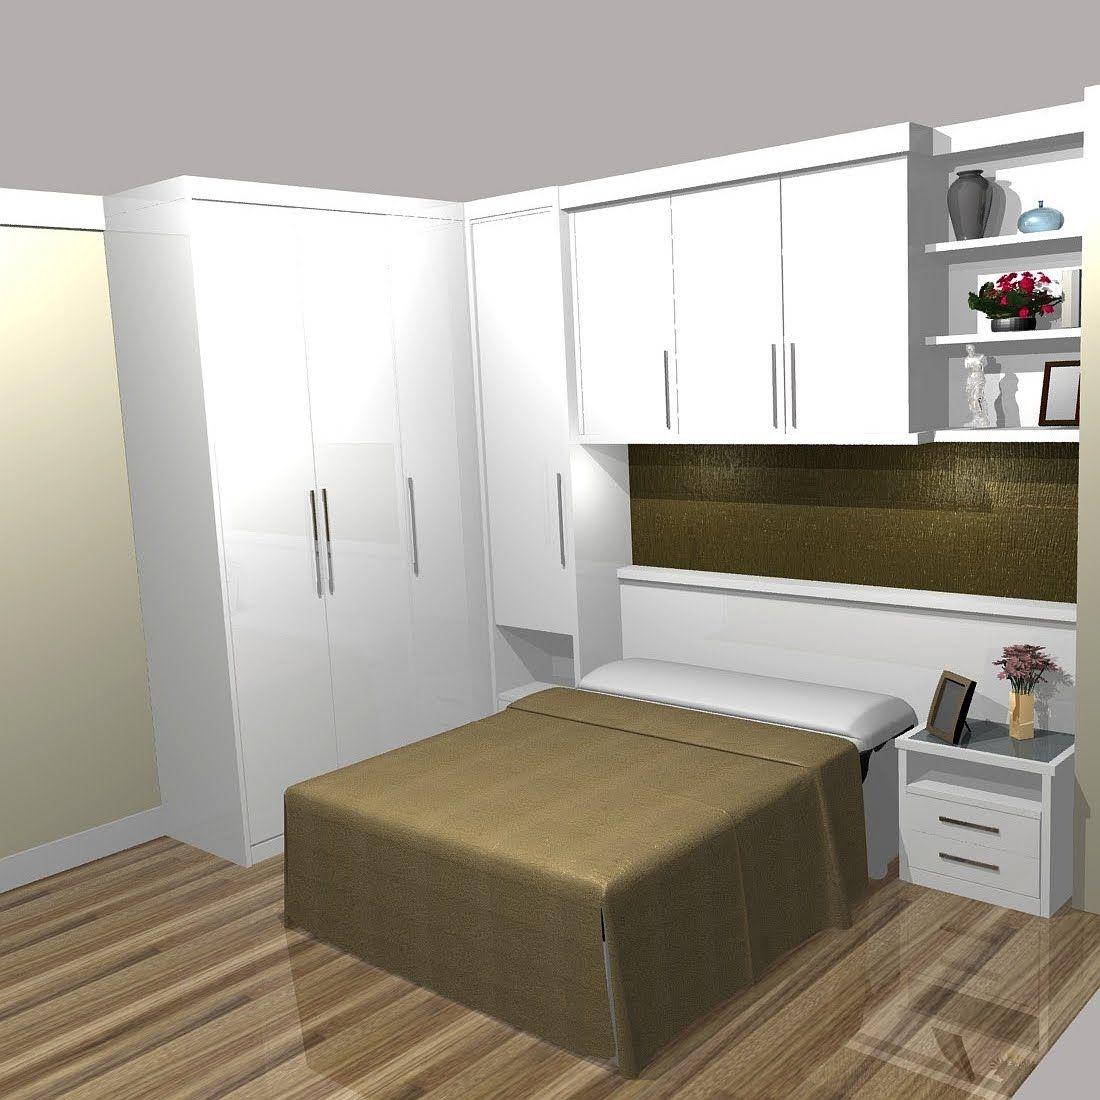 Quarto Planejado De Casal Pequeno 3 Quarto Pinterest  ~ Quarto De Casal Planejado De Apartamento Pequeno